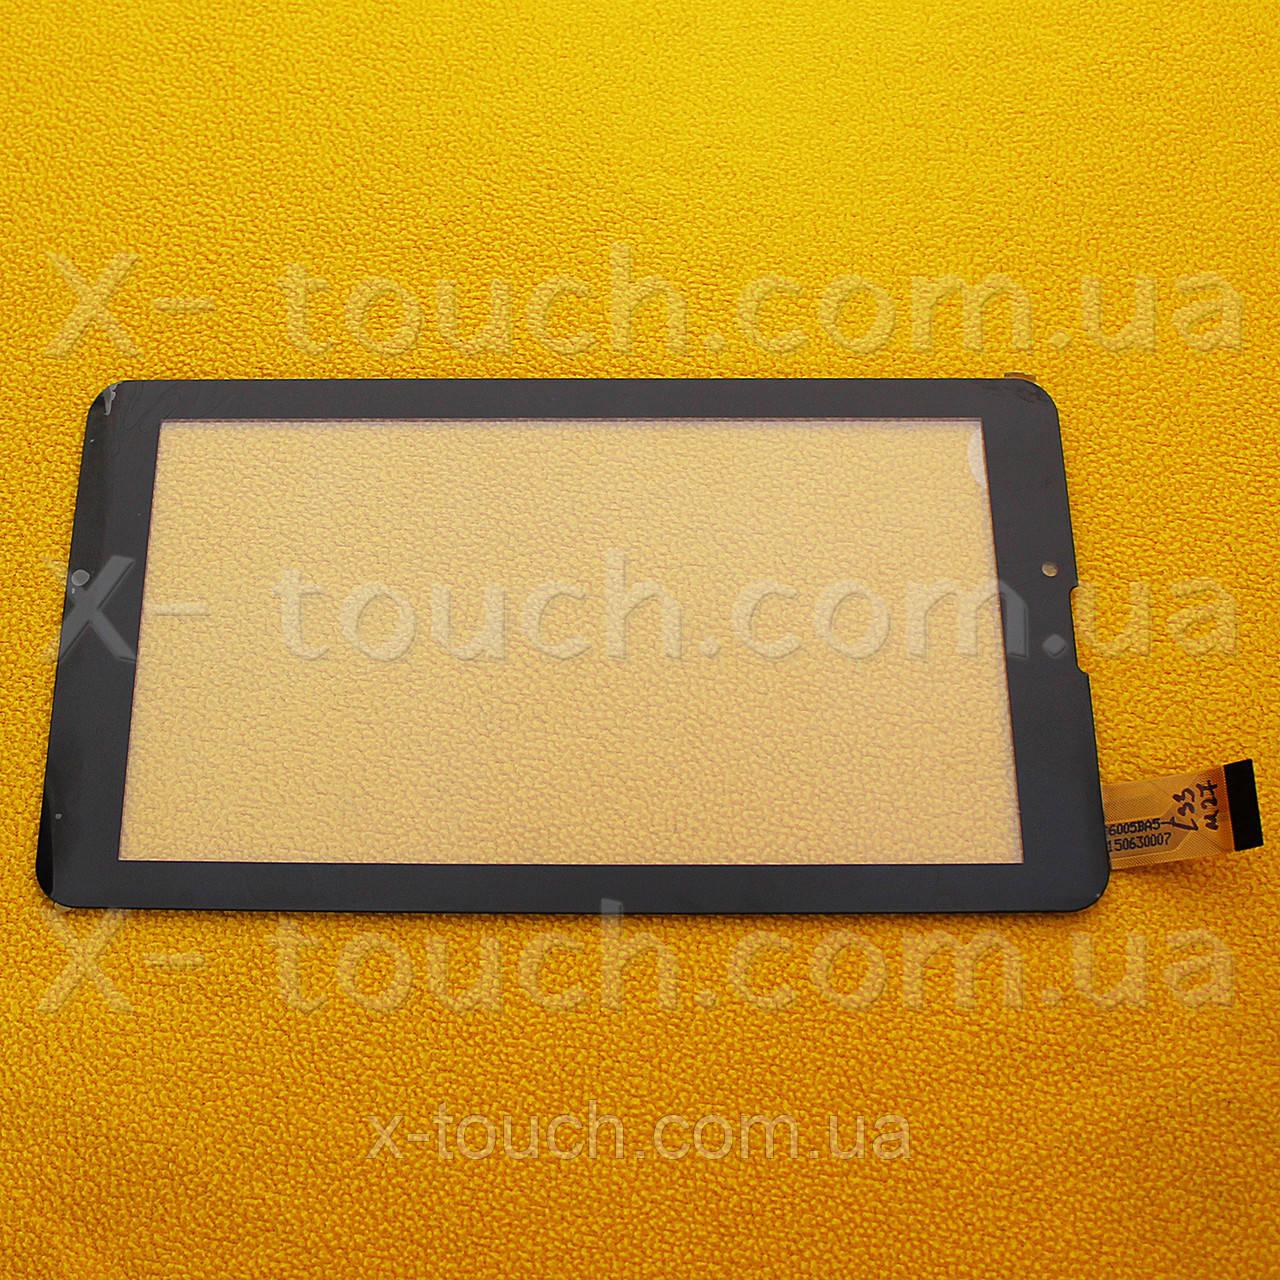 LH6035 cенсор, тачскрин 7,0 дюймов, цвет черный, белый.